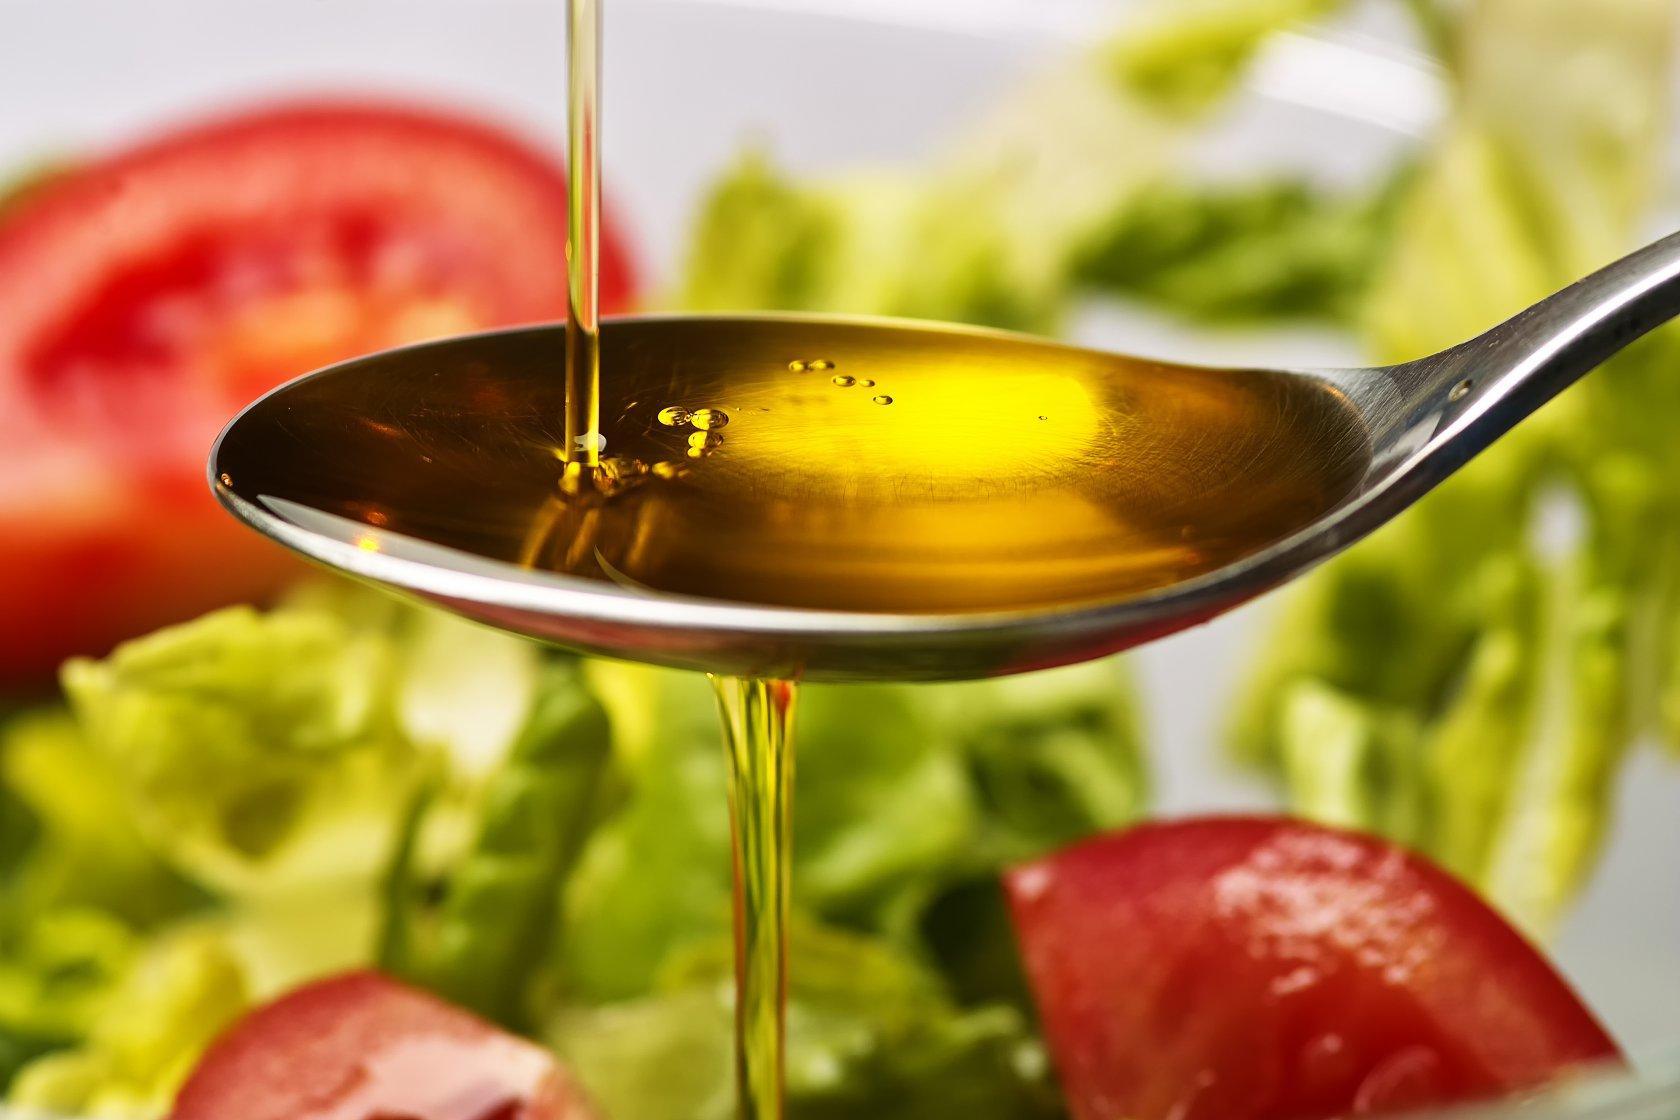 Вся правда об изготовлении растительного масла. Три метода получения масла